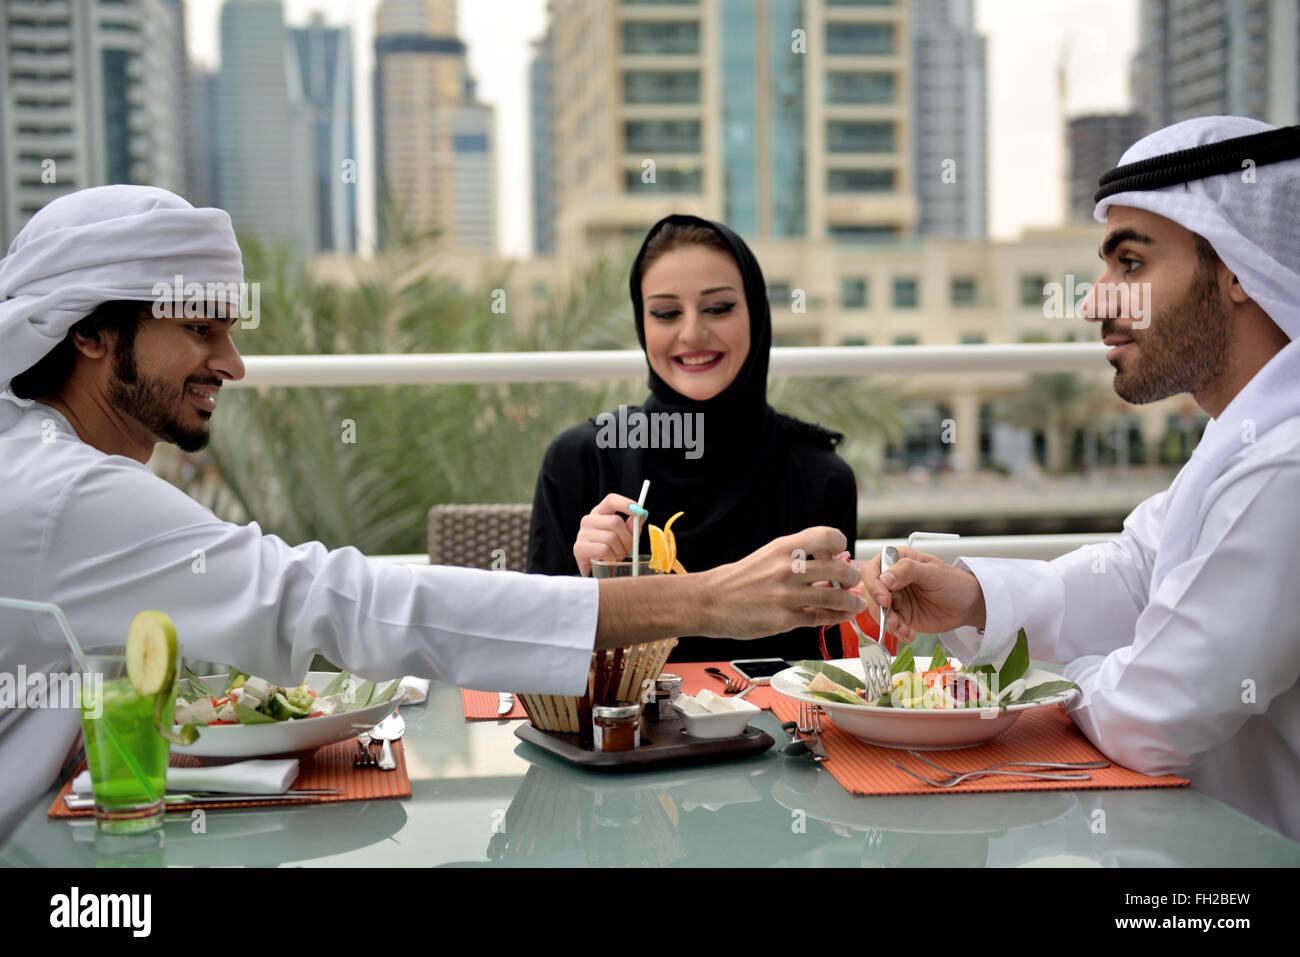 Junge Emiratis arabische Freunde Essen in einem restaurant Stockfoto